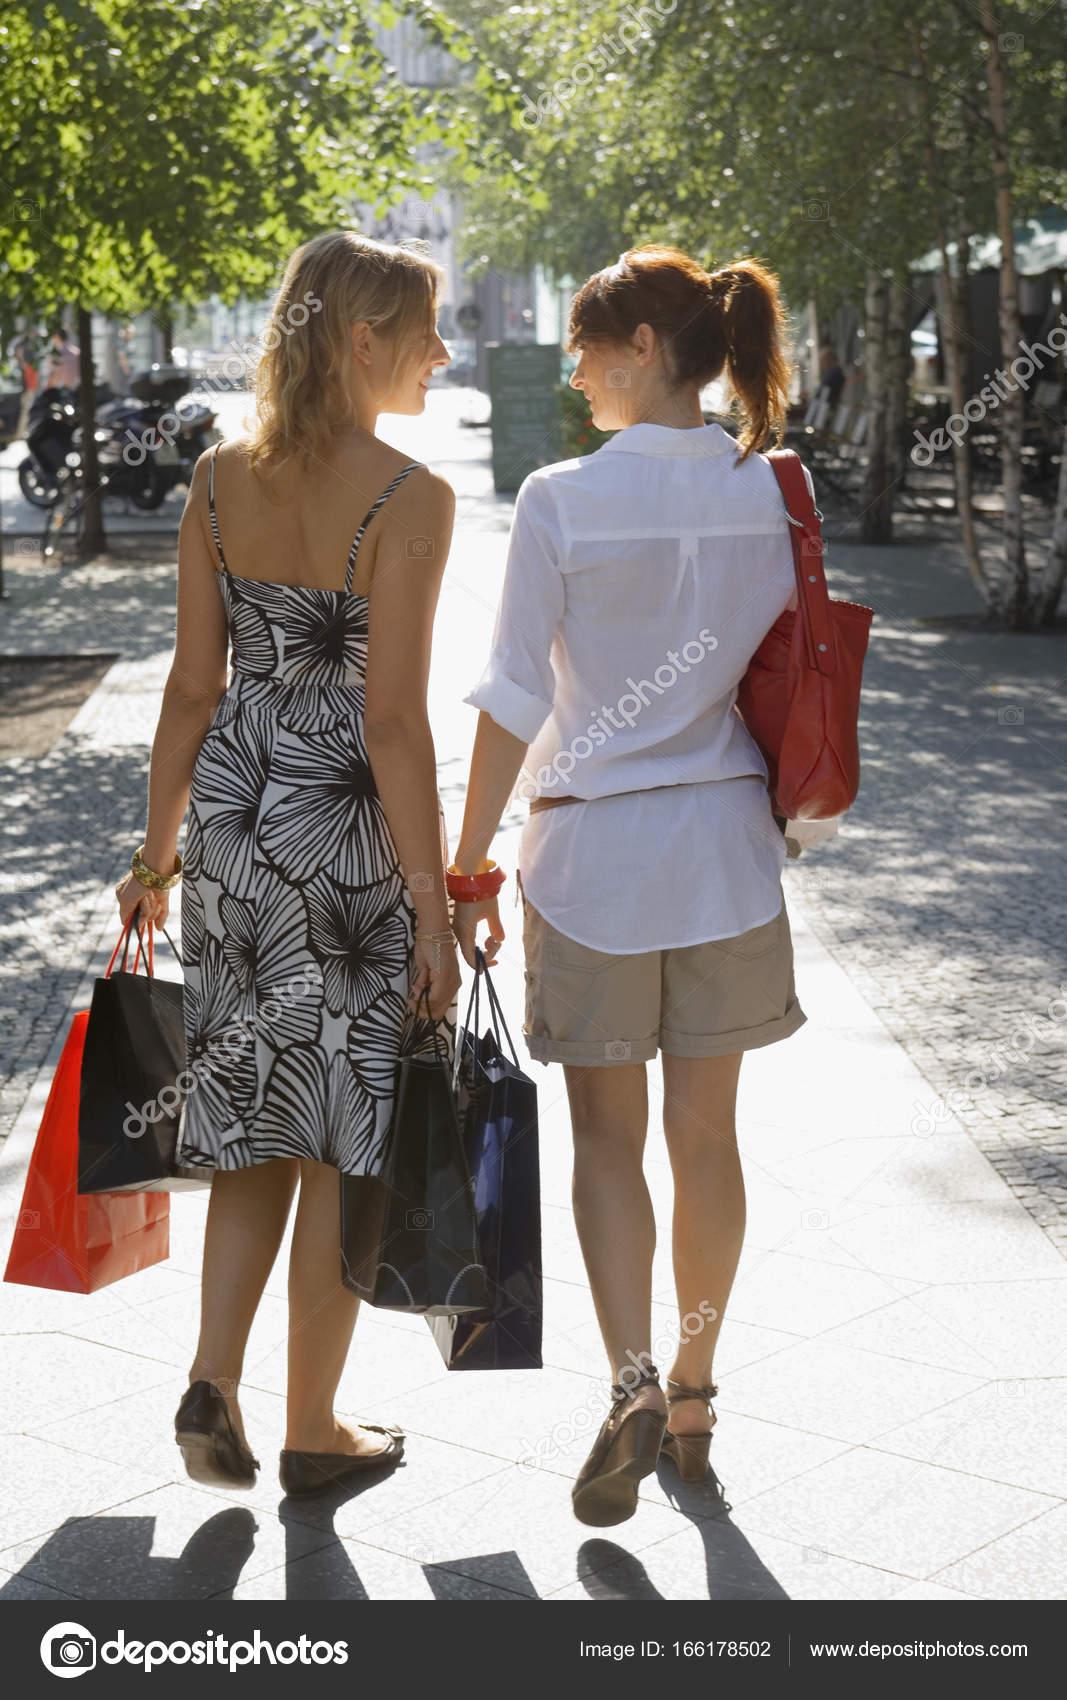 c58706f271f3d4 Zwei Frauen auf der Straße — Stockfoto © JuiceImagesEnterprise ...